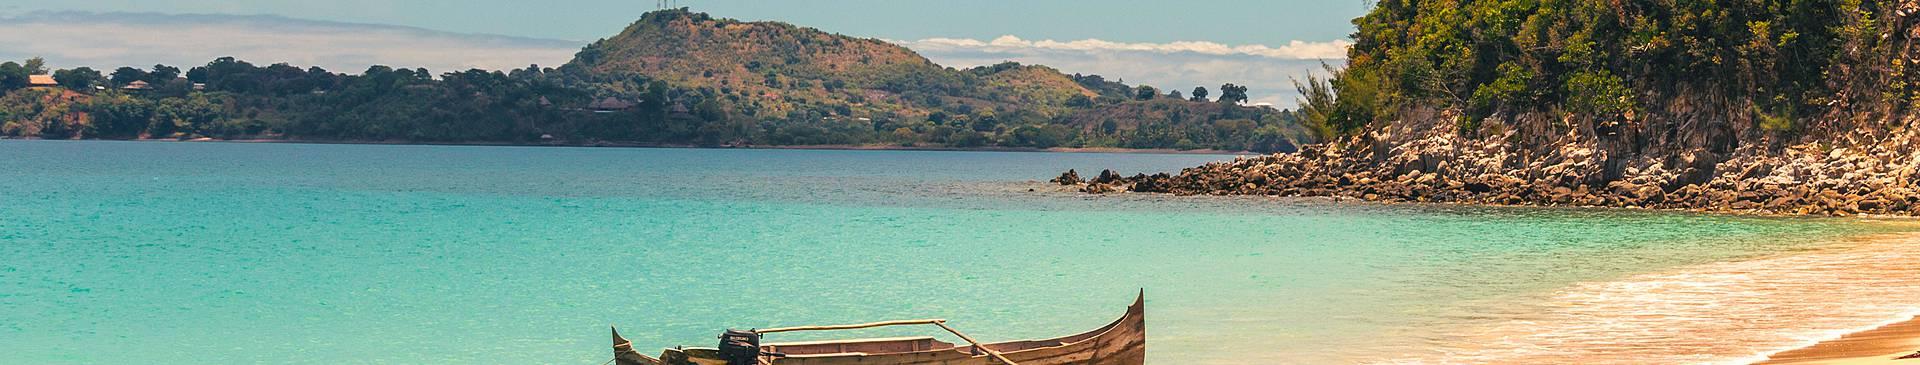 Viaggi al mare in Madagascar